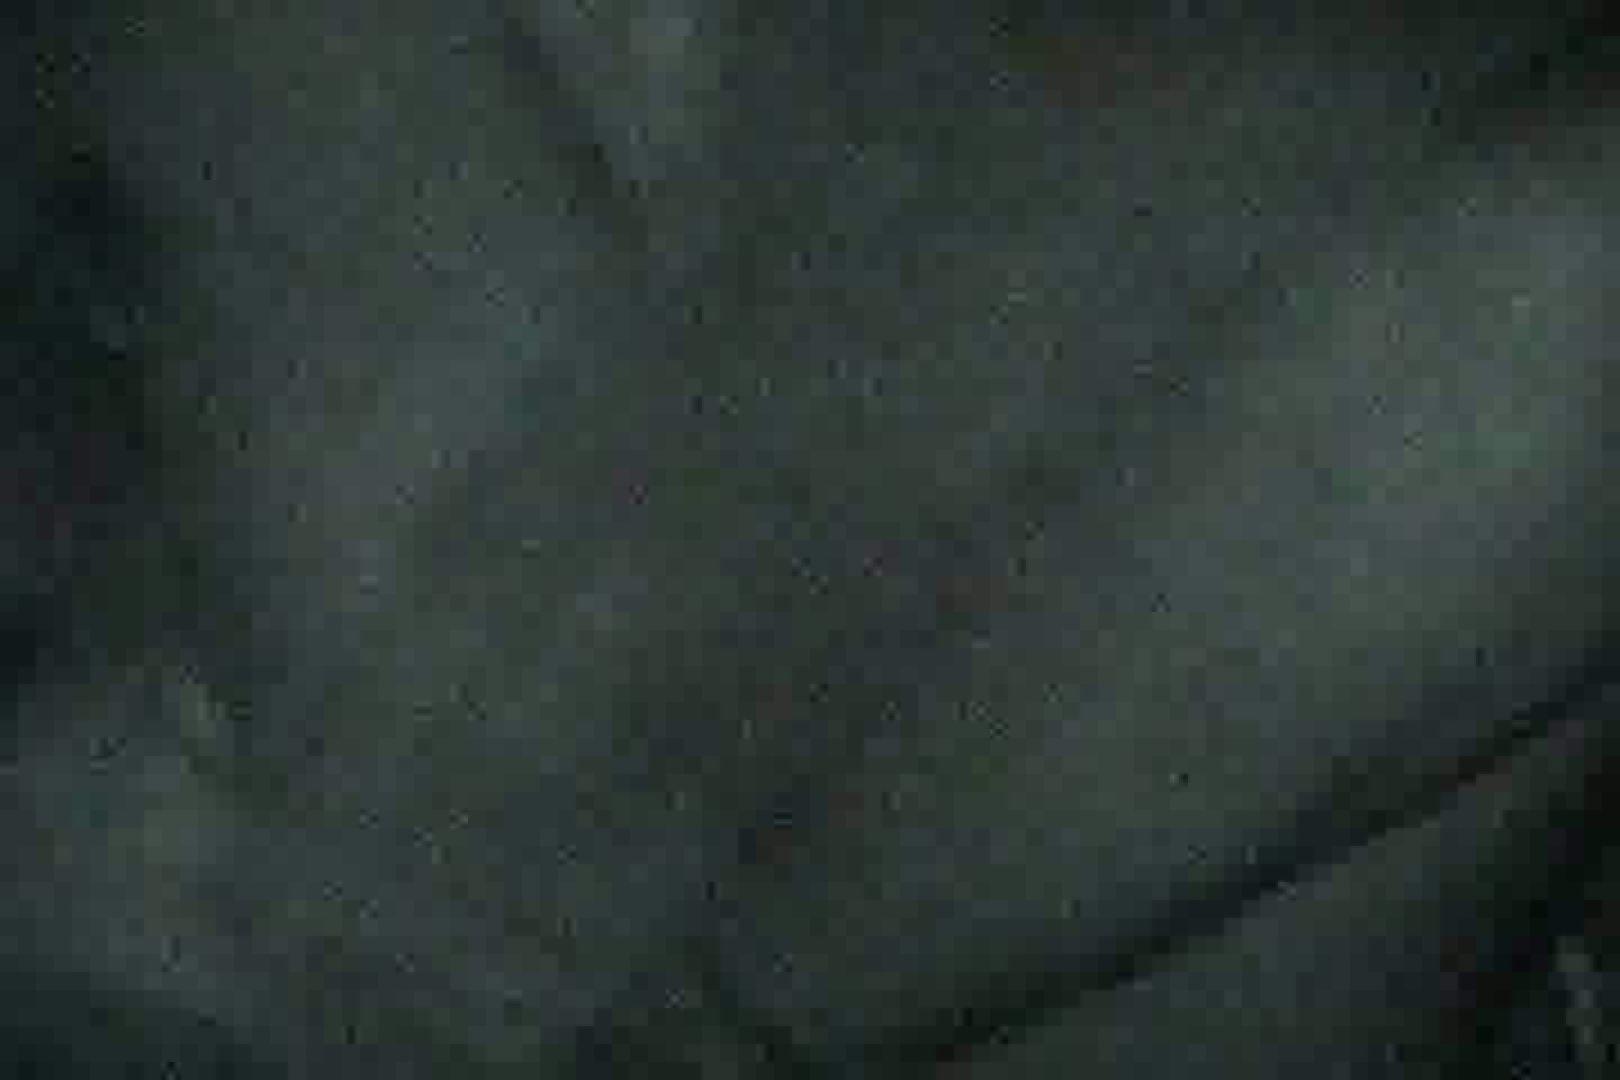 充血監督の深夜の運動会Vol.33 ギャルの実態 隠し撮りすけべAV動画紹介 89pic 78